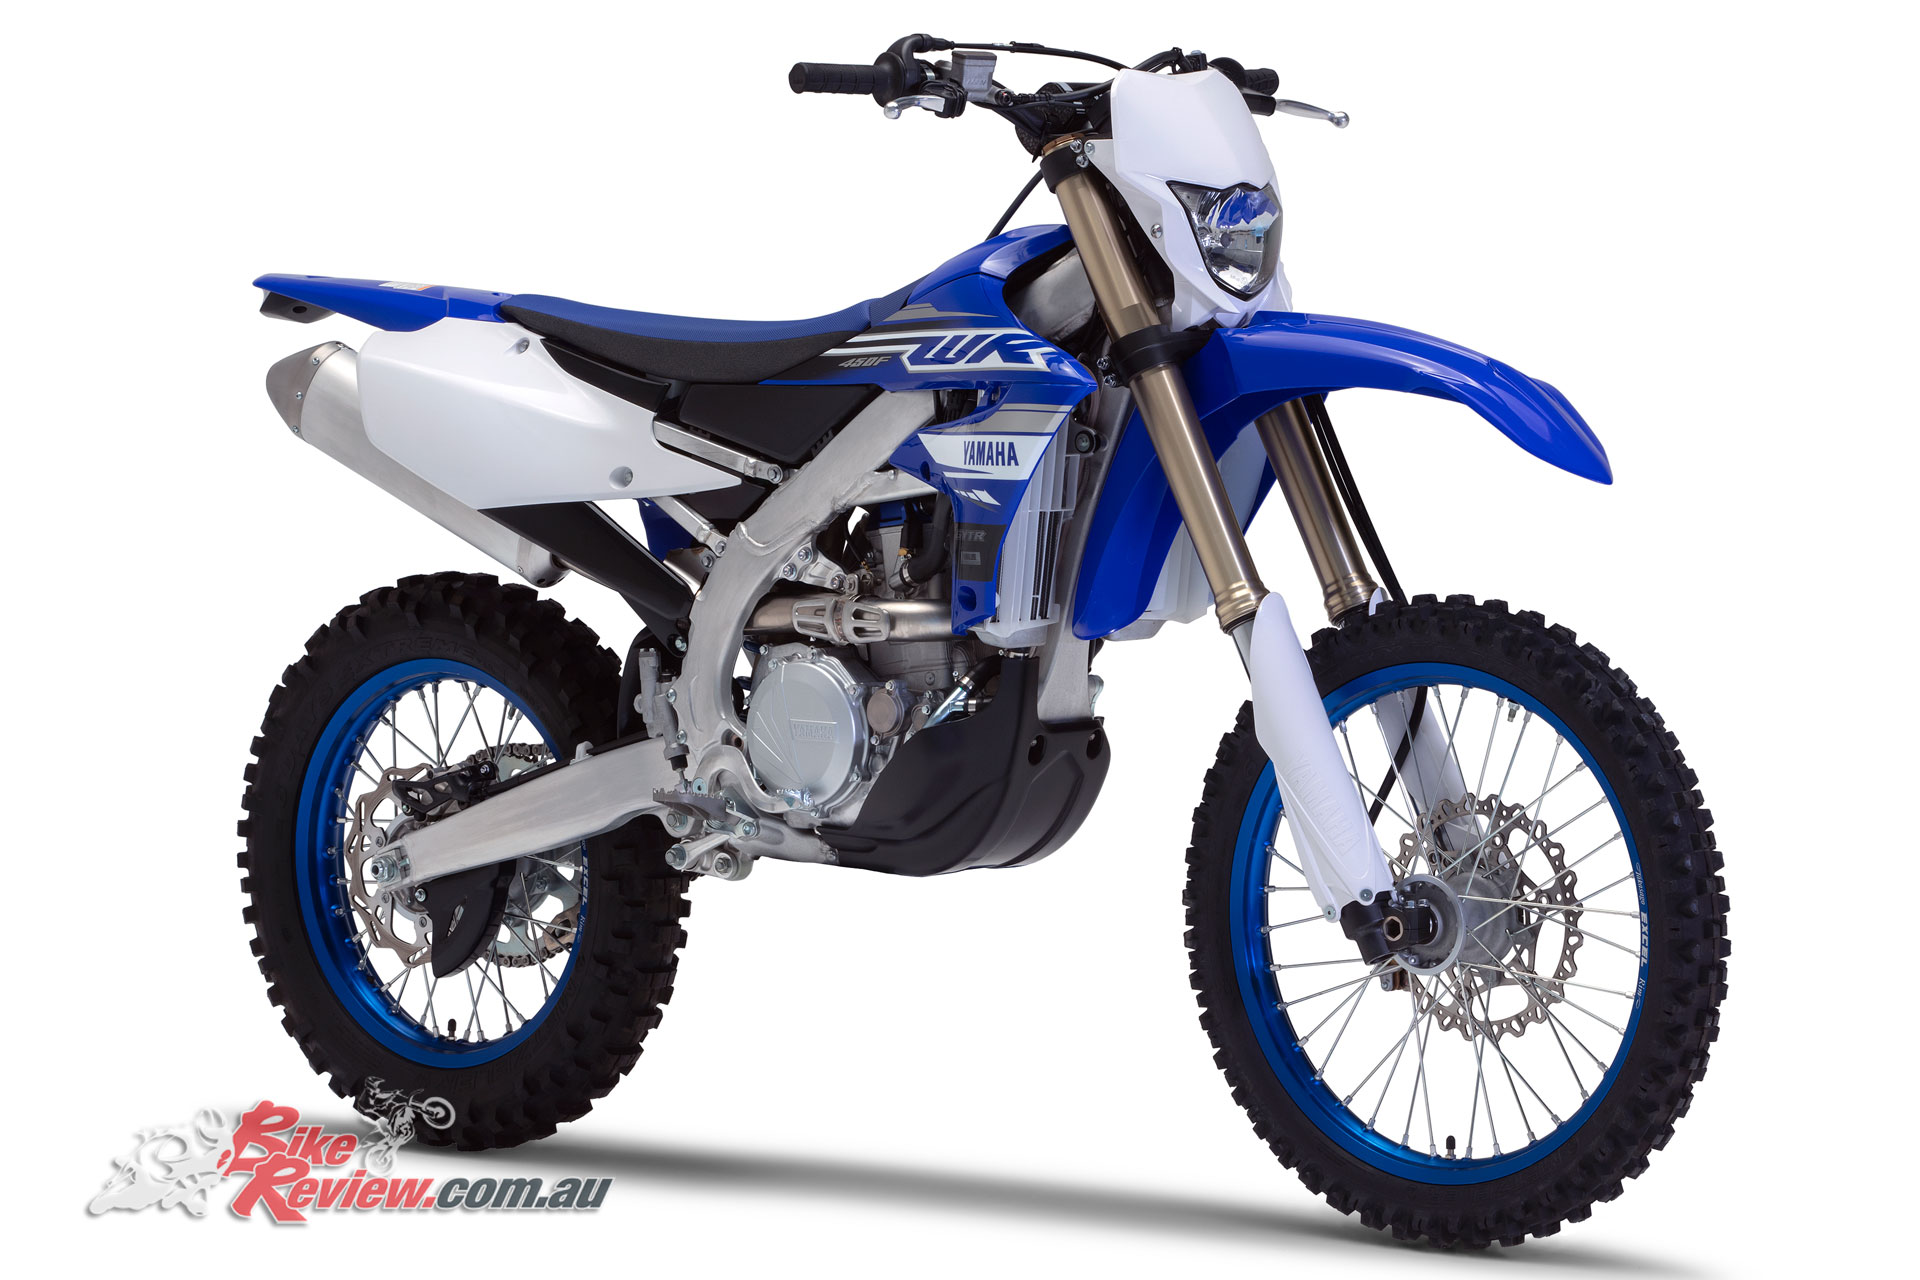 2019 Yamaha WR450F